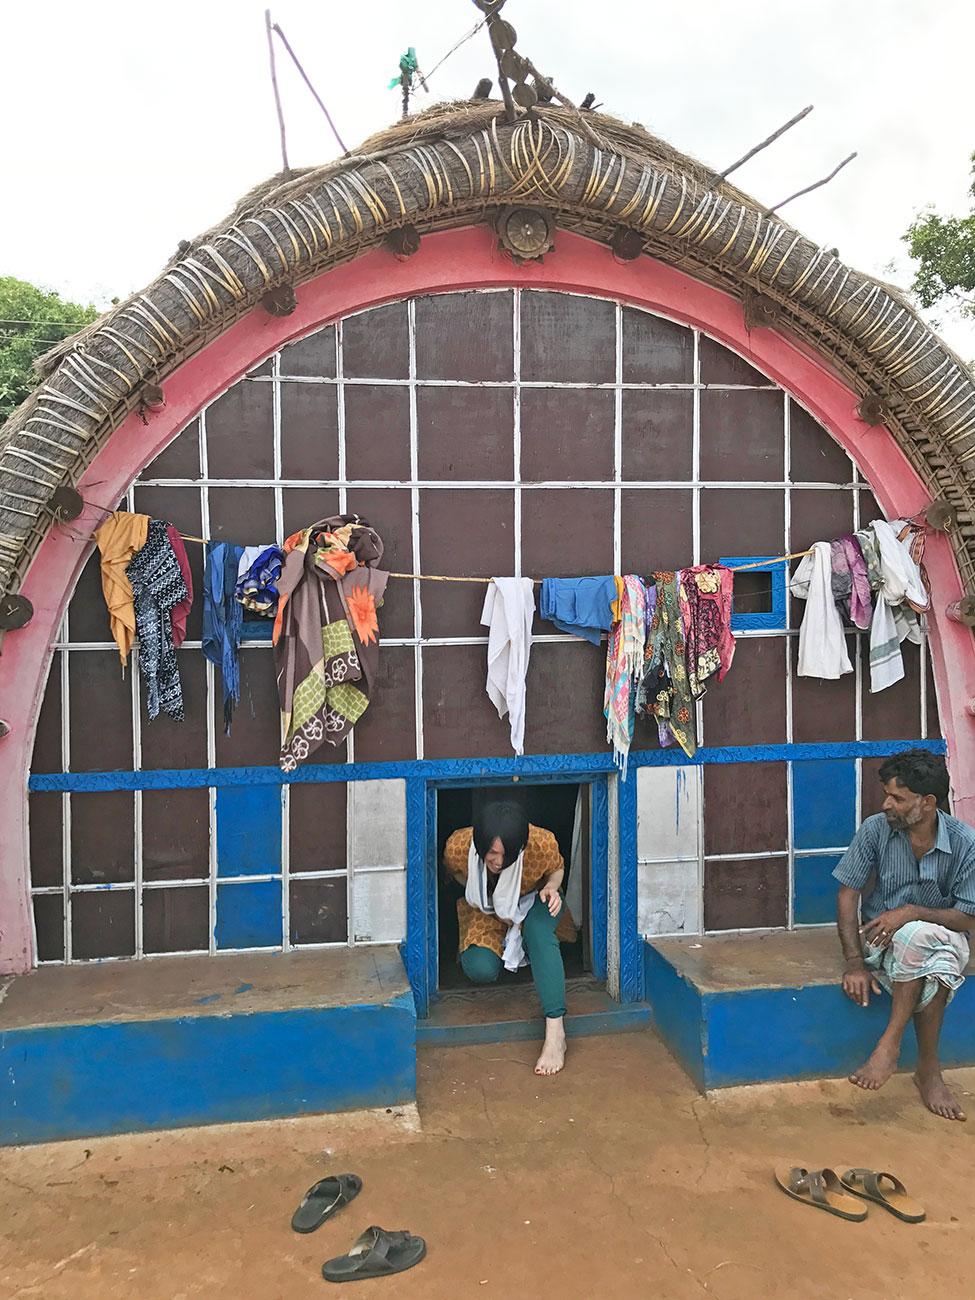 トダ族の一般家庭、入り口が狭い建築